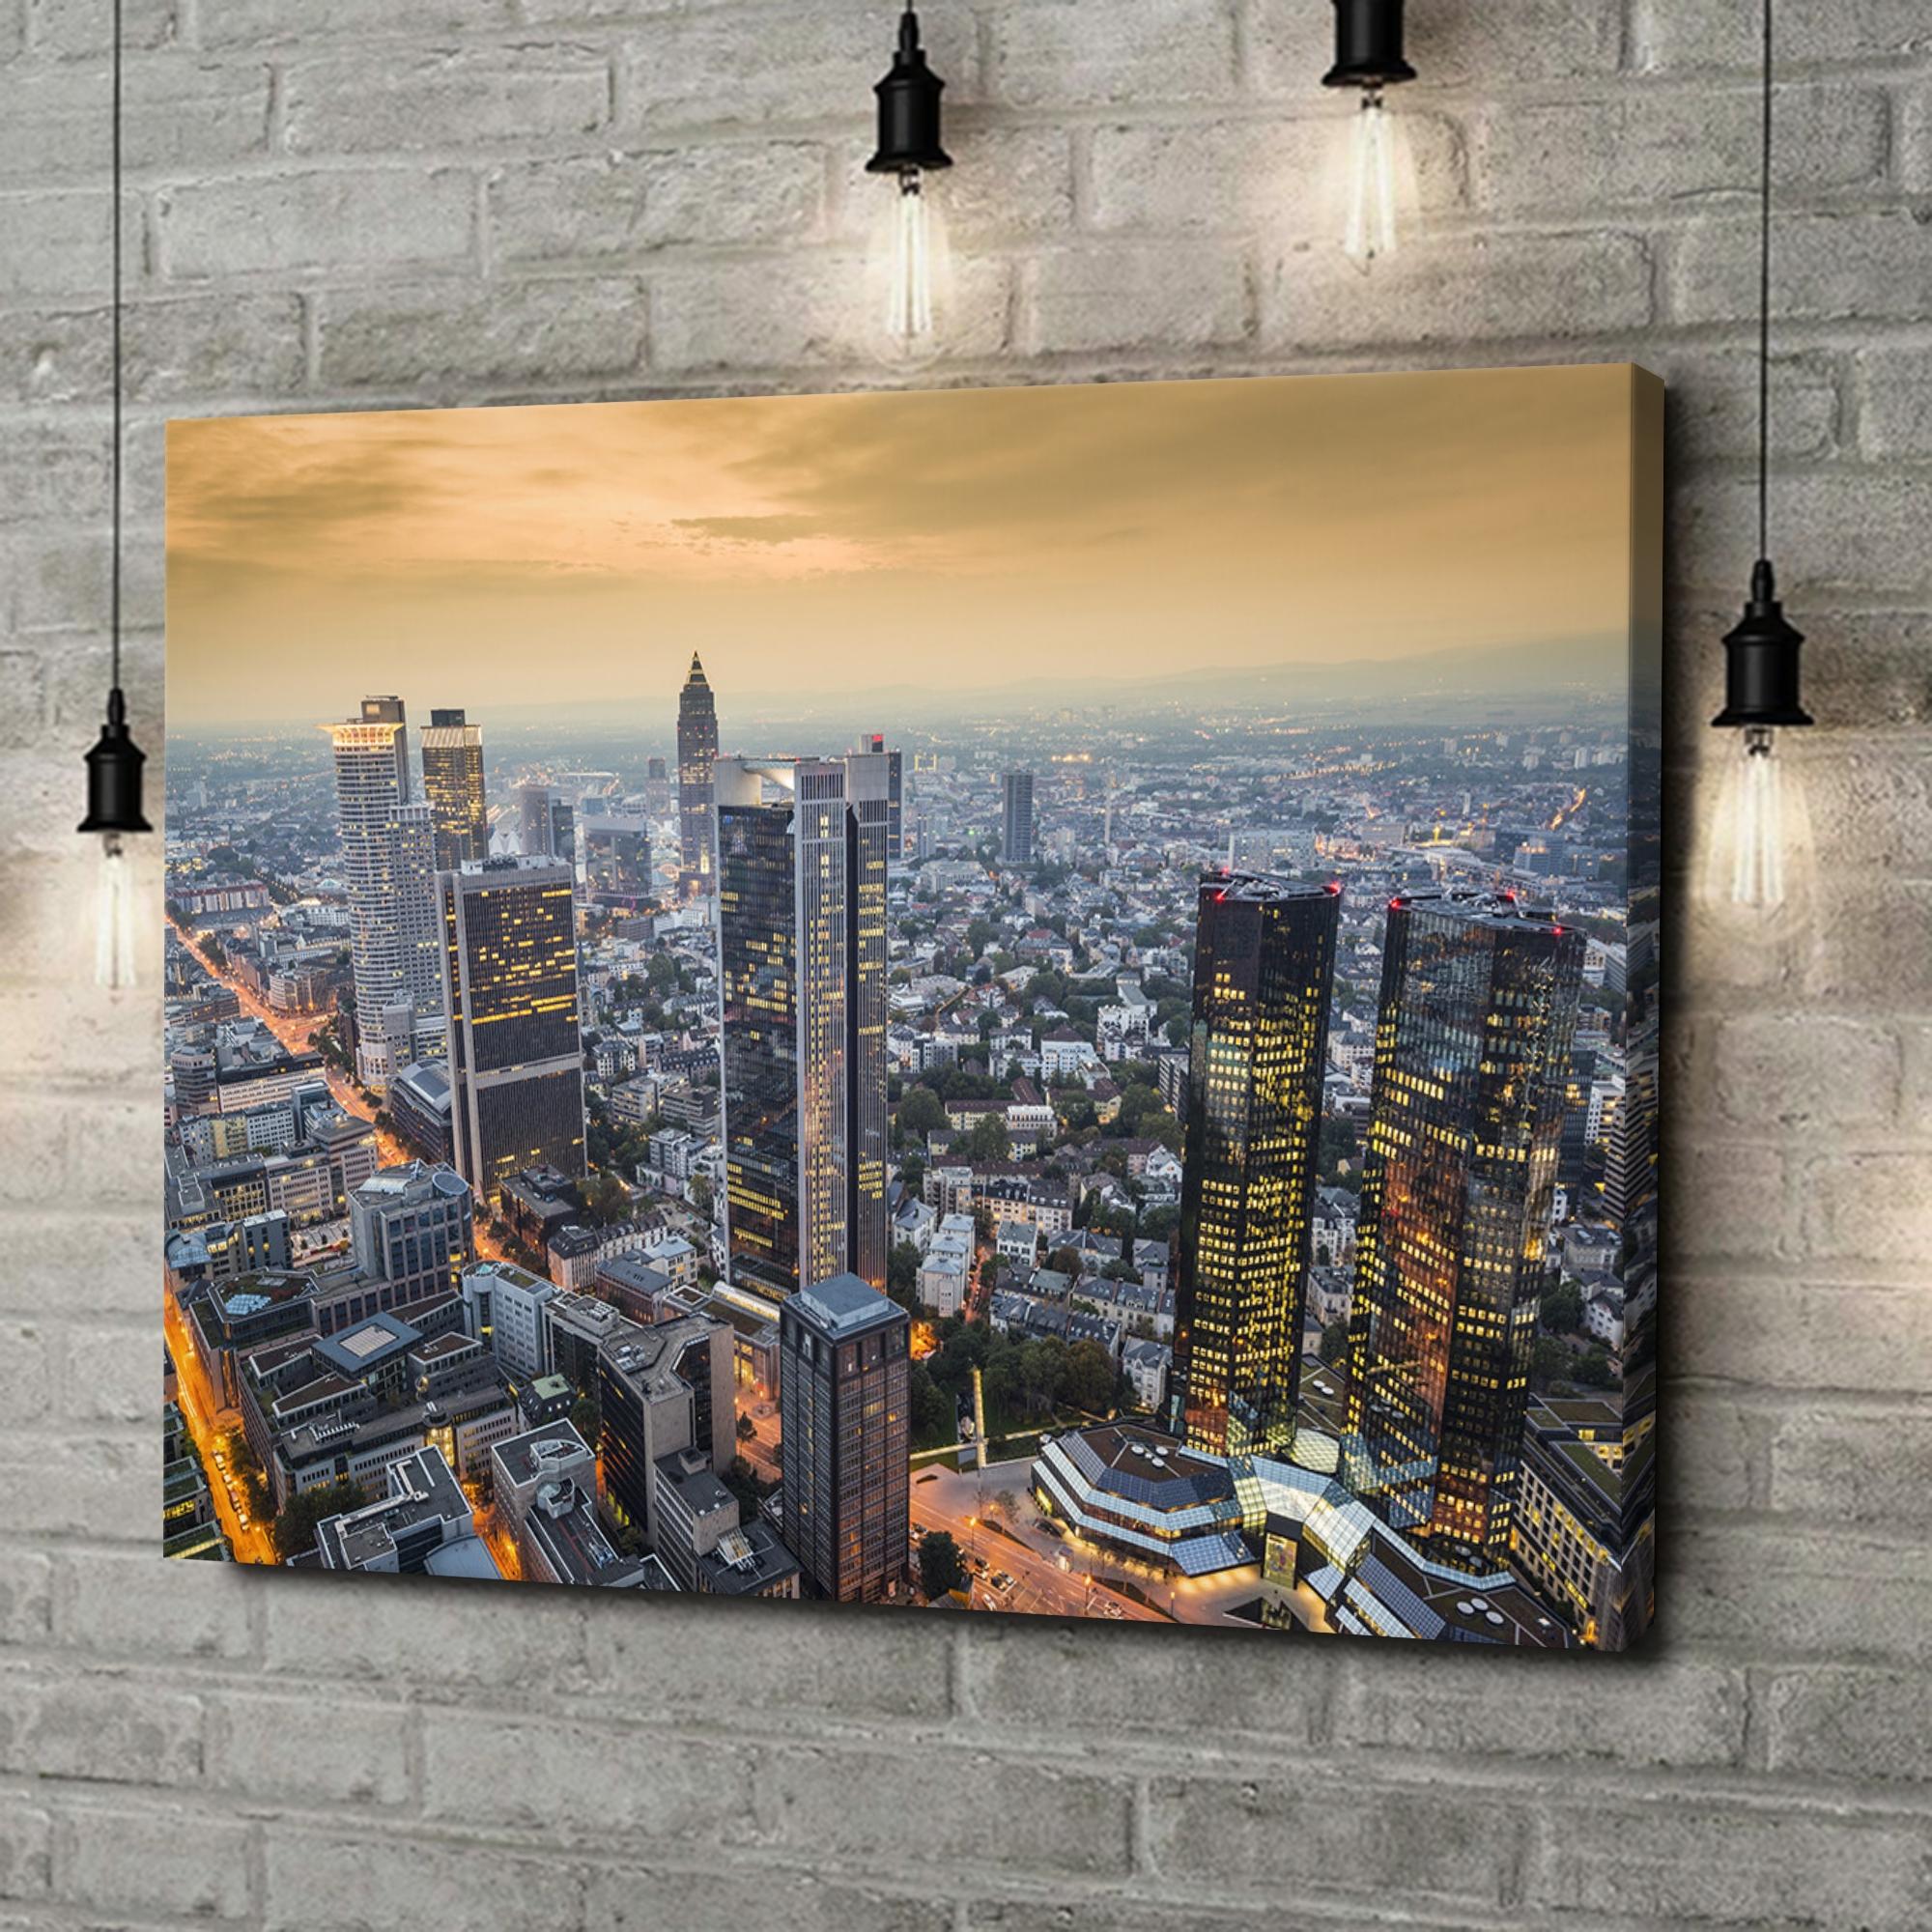 Leinwandbild personalisiert Skyline von Frankfurt